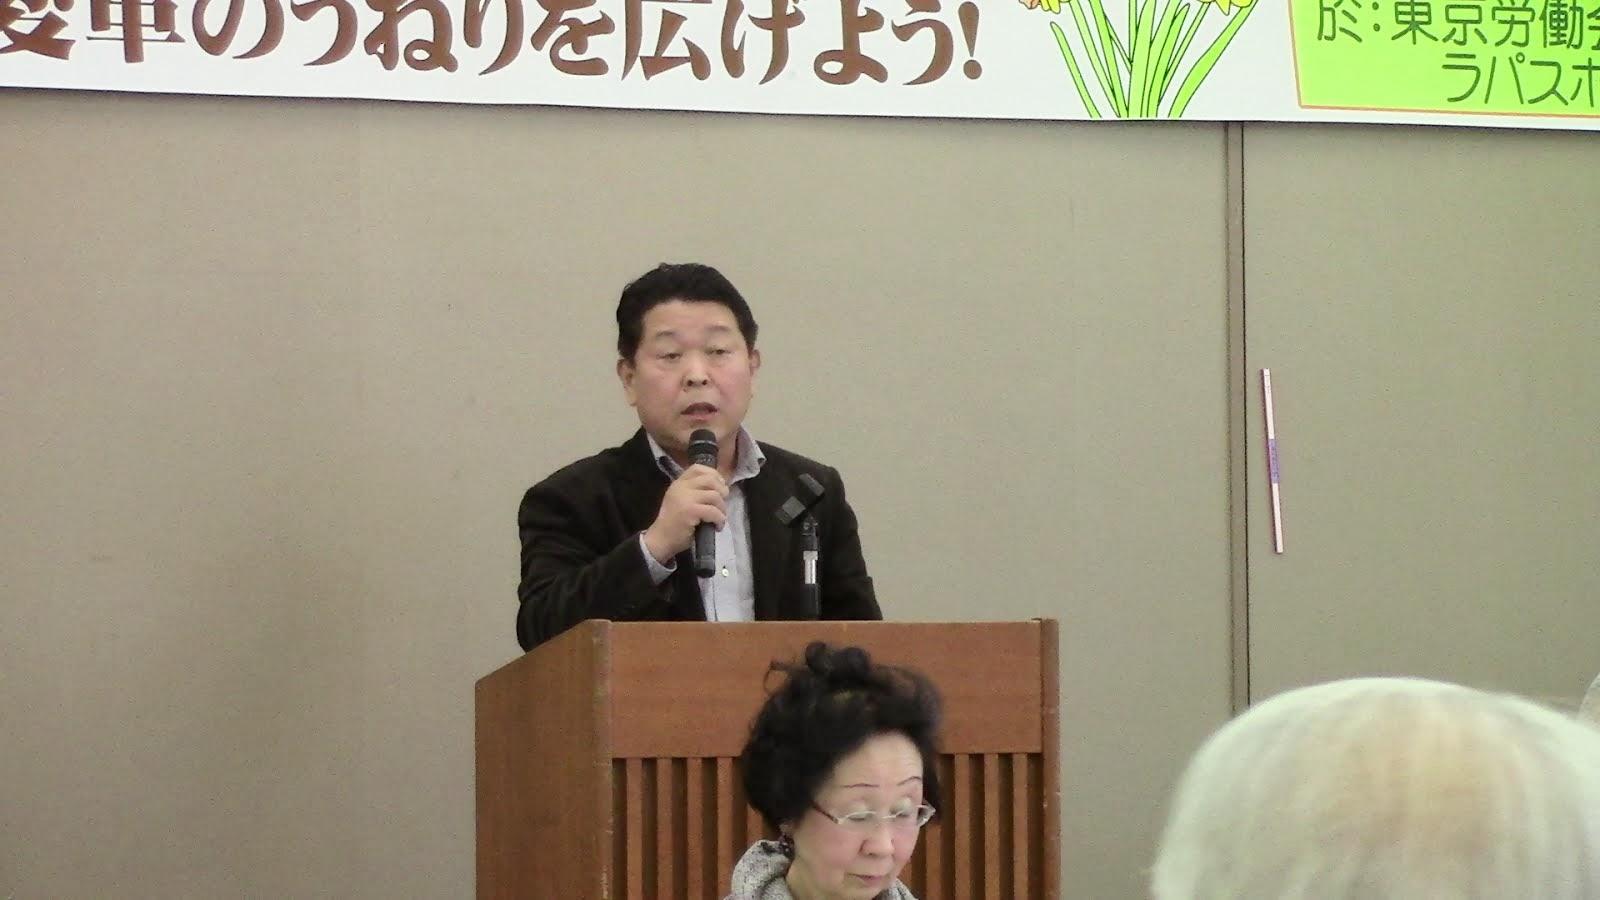 武藤昭夫(練馬革新懇)  統一をめざす学習集会